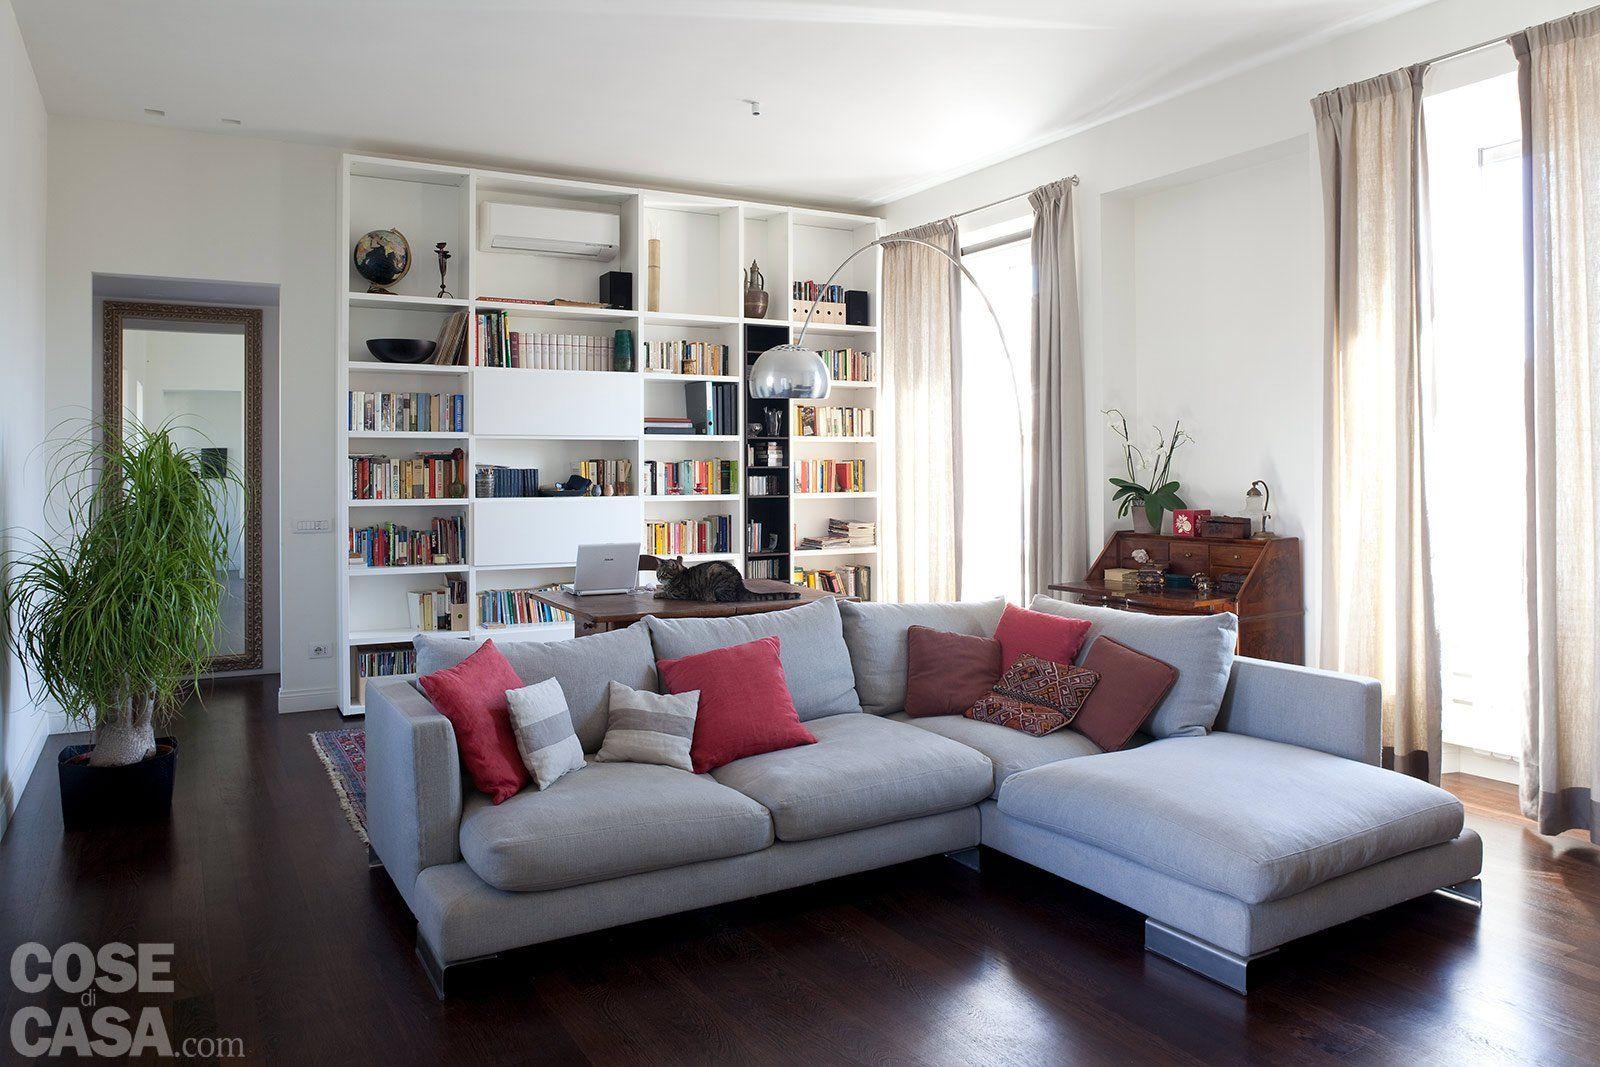 Casa: 14 mq in più per il bilocale | Arredamento casa ...